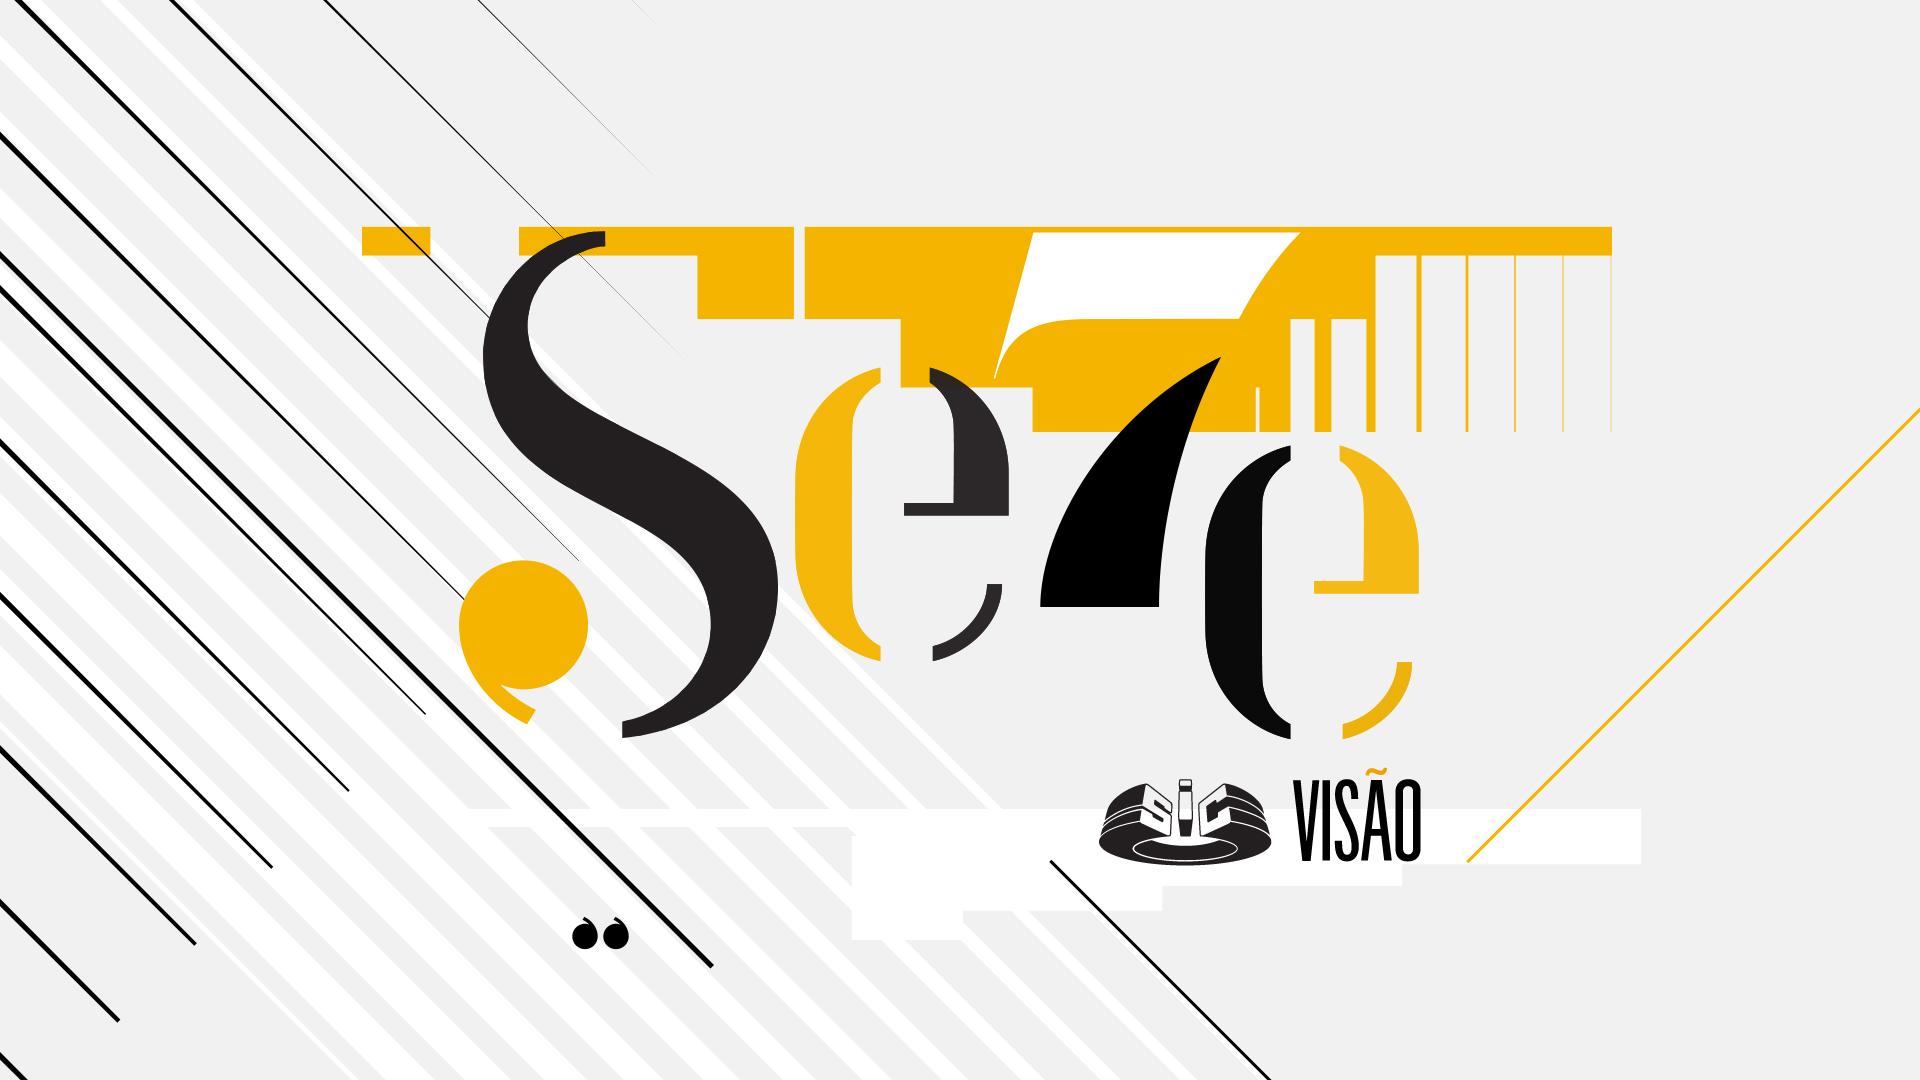 sete revista visão